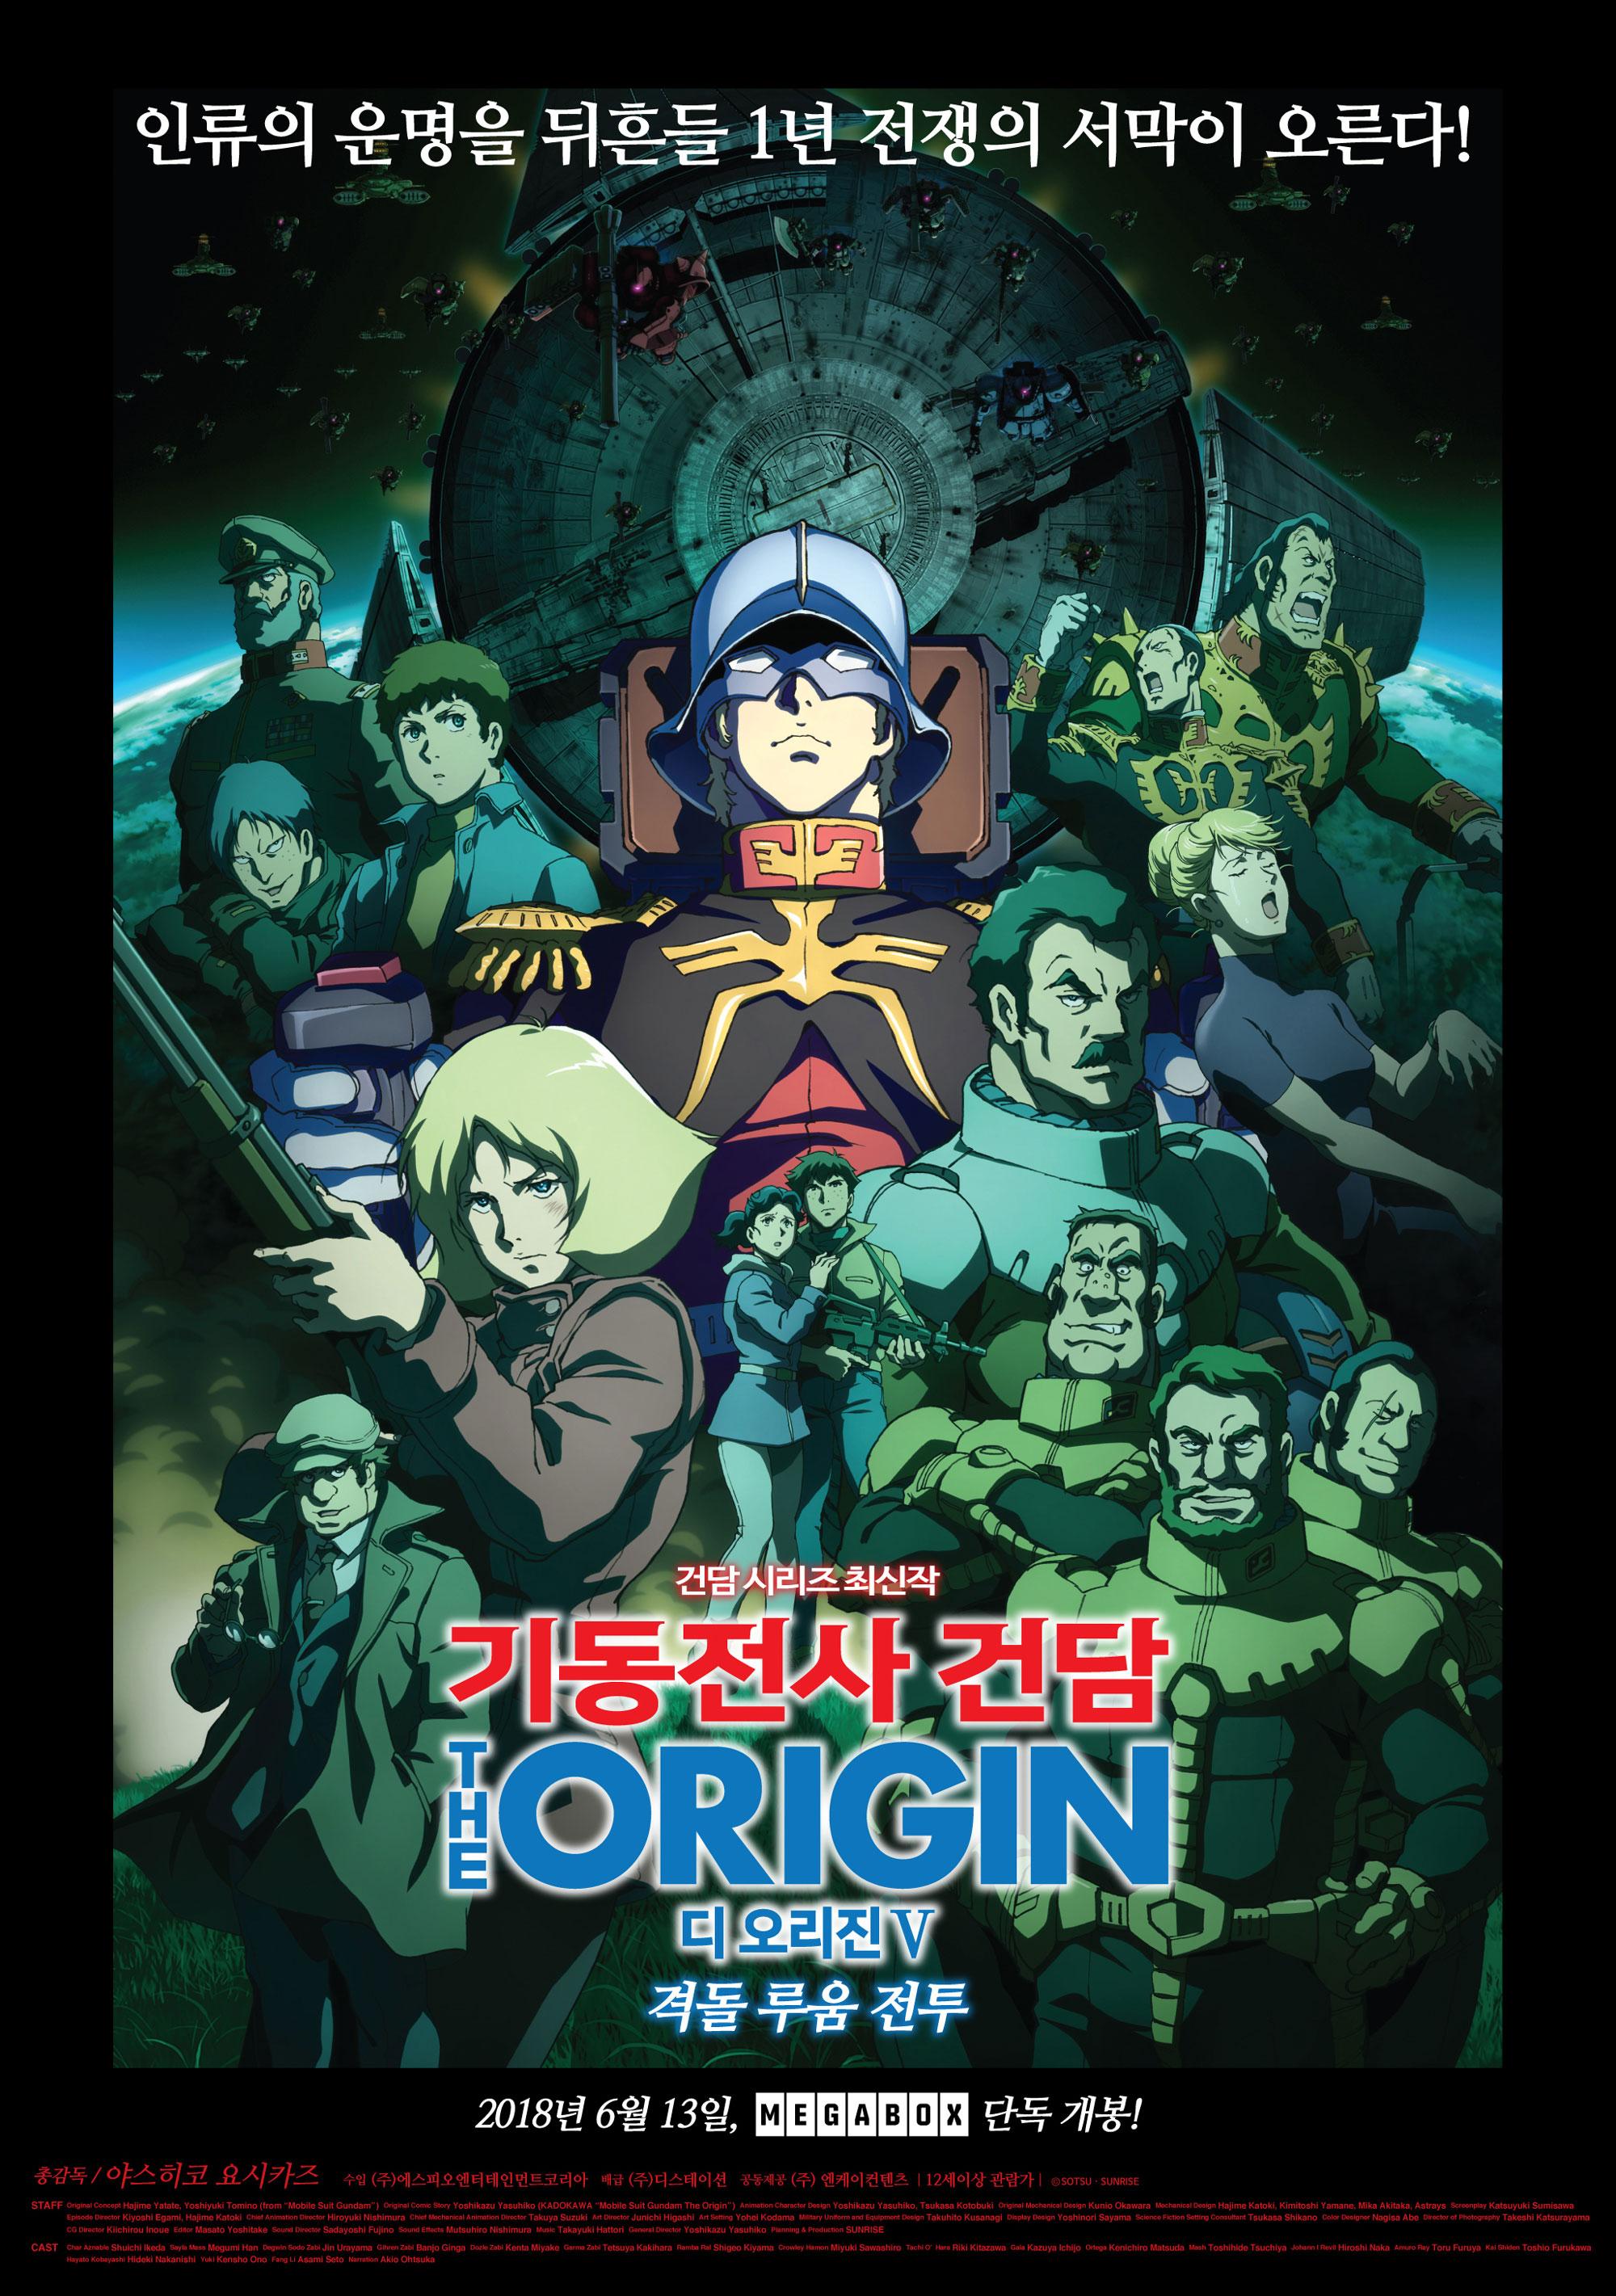 2018년 6월 둘째주 개봉영화